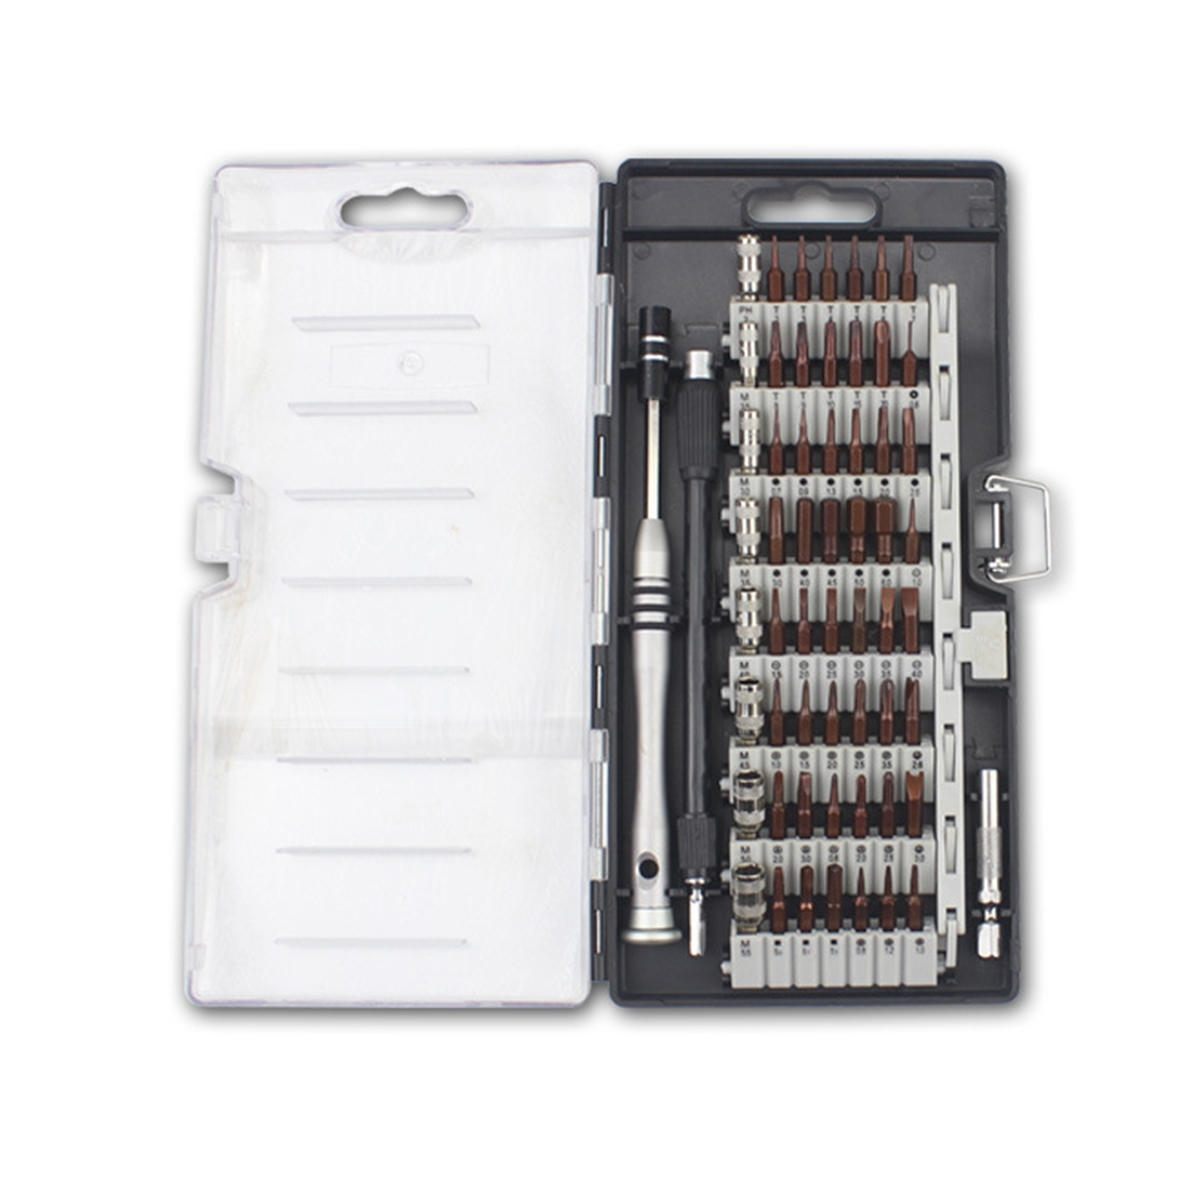 60 i 1 Precisionsskruvmejseluppsättning Magnetisk drivrutin Elektronik Reparationsverktygssats